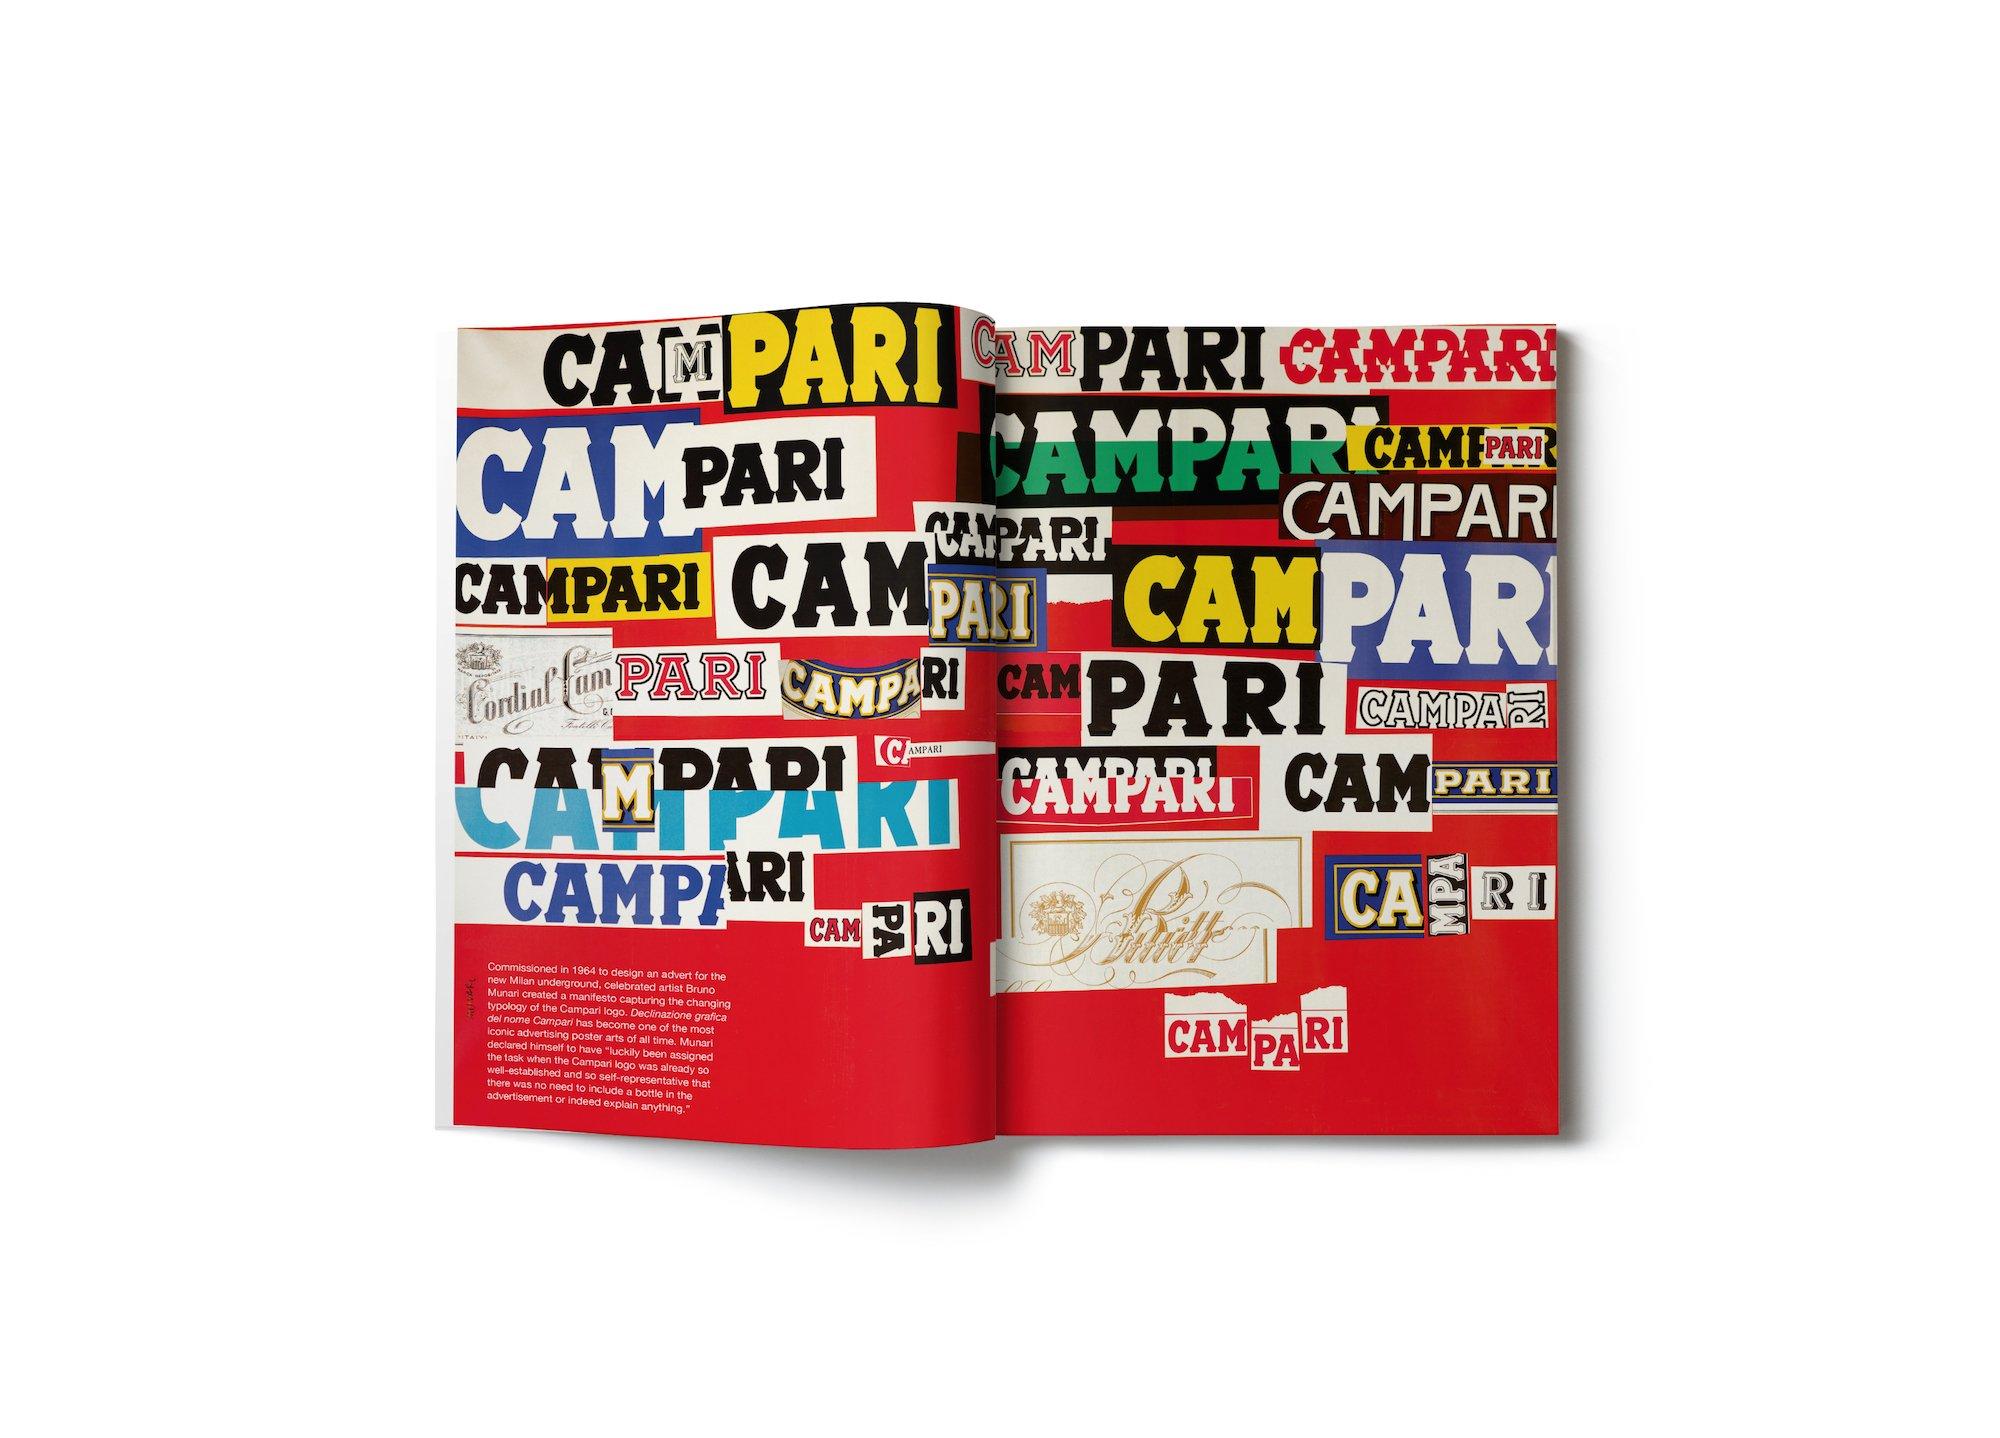 'Declinazione Grafica del Nome Campari' by Bruno Munari for the new Milan underground, 1964 © Campari and MoMA